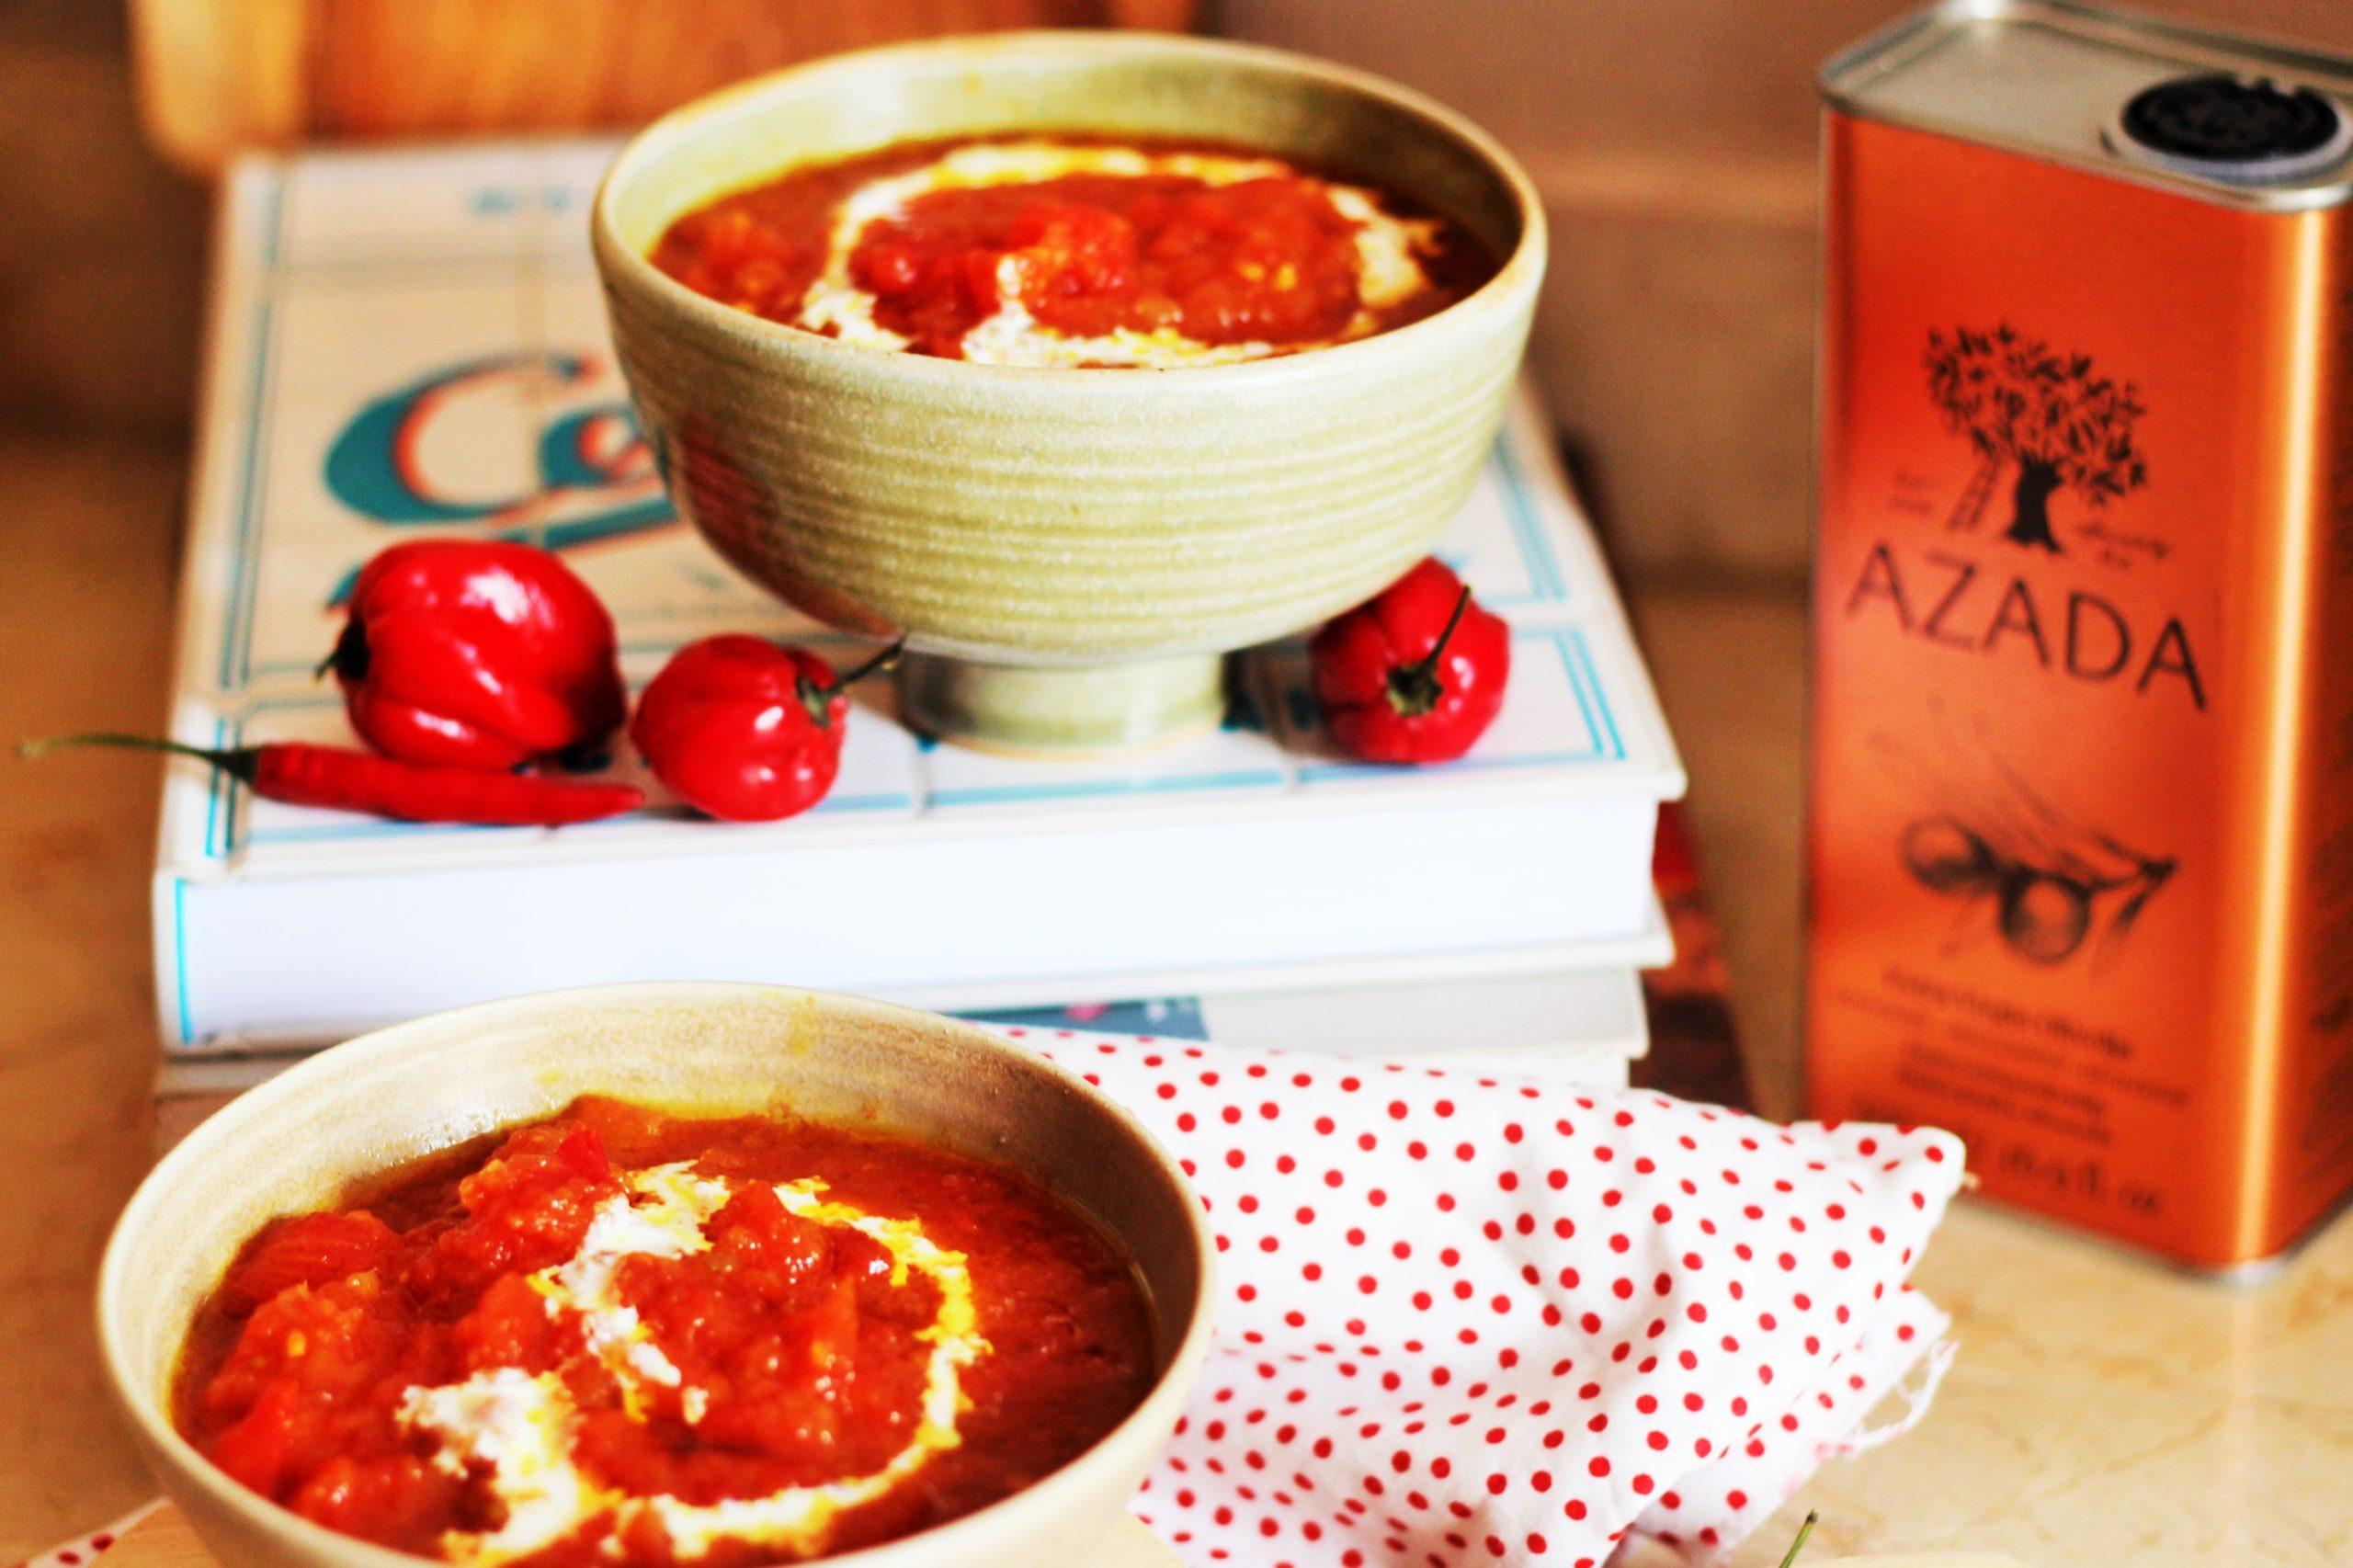 Sopa de tomate picante